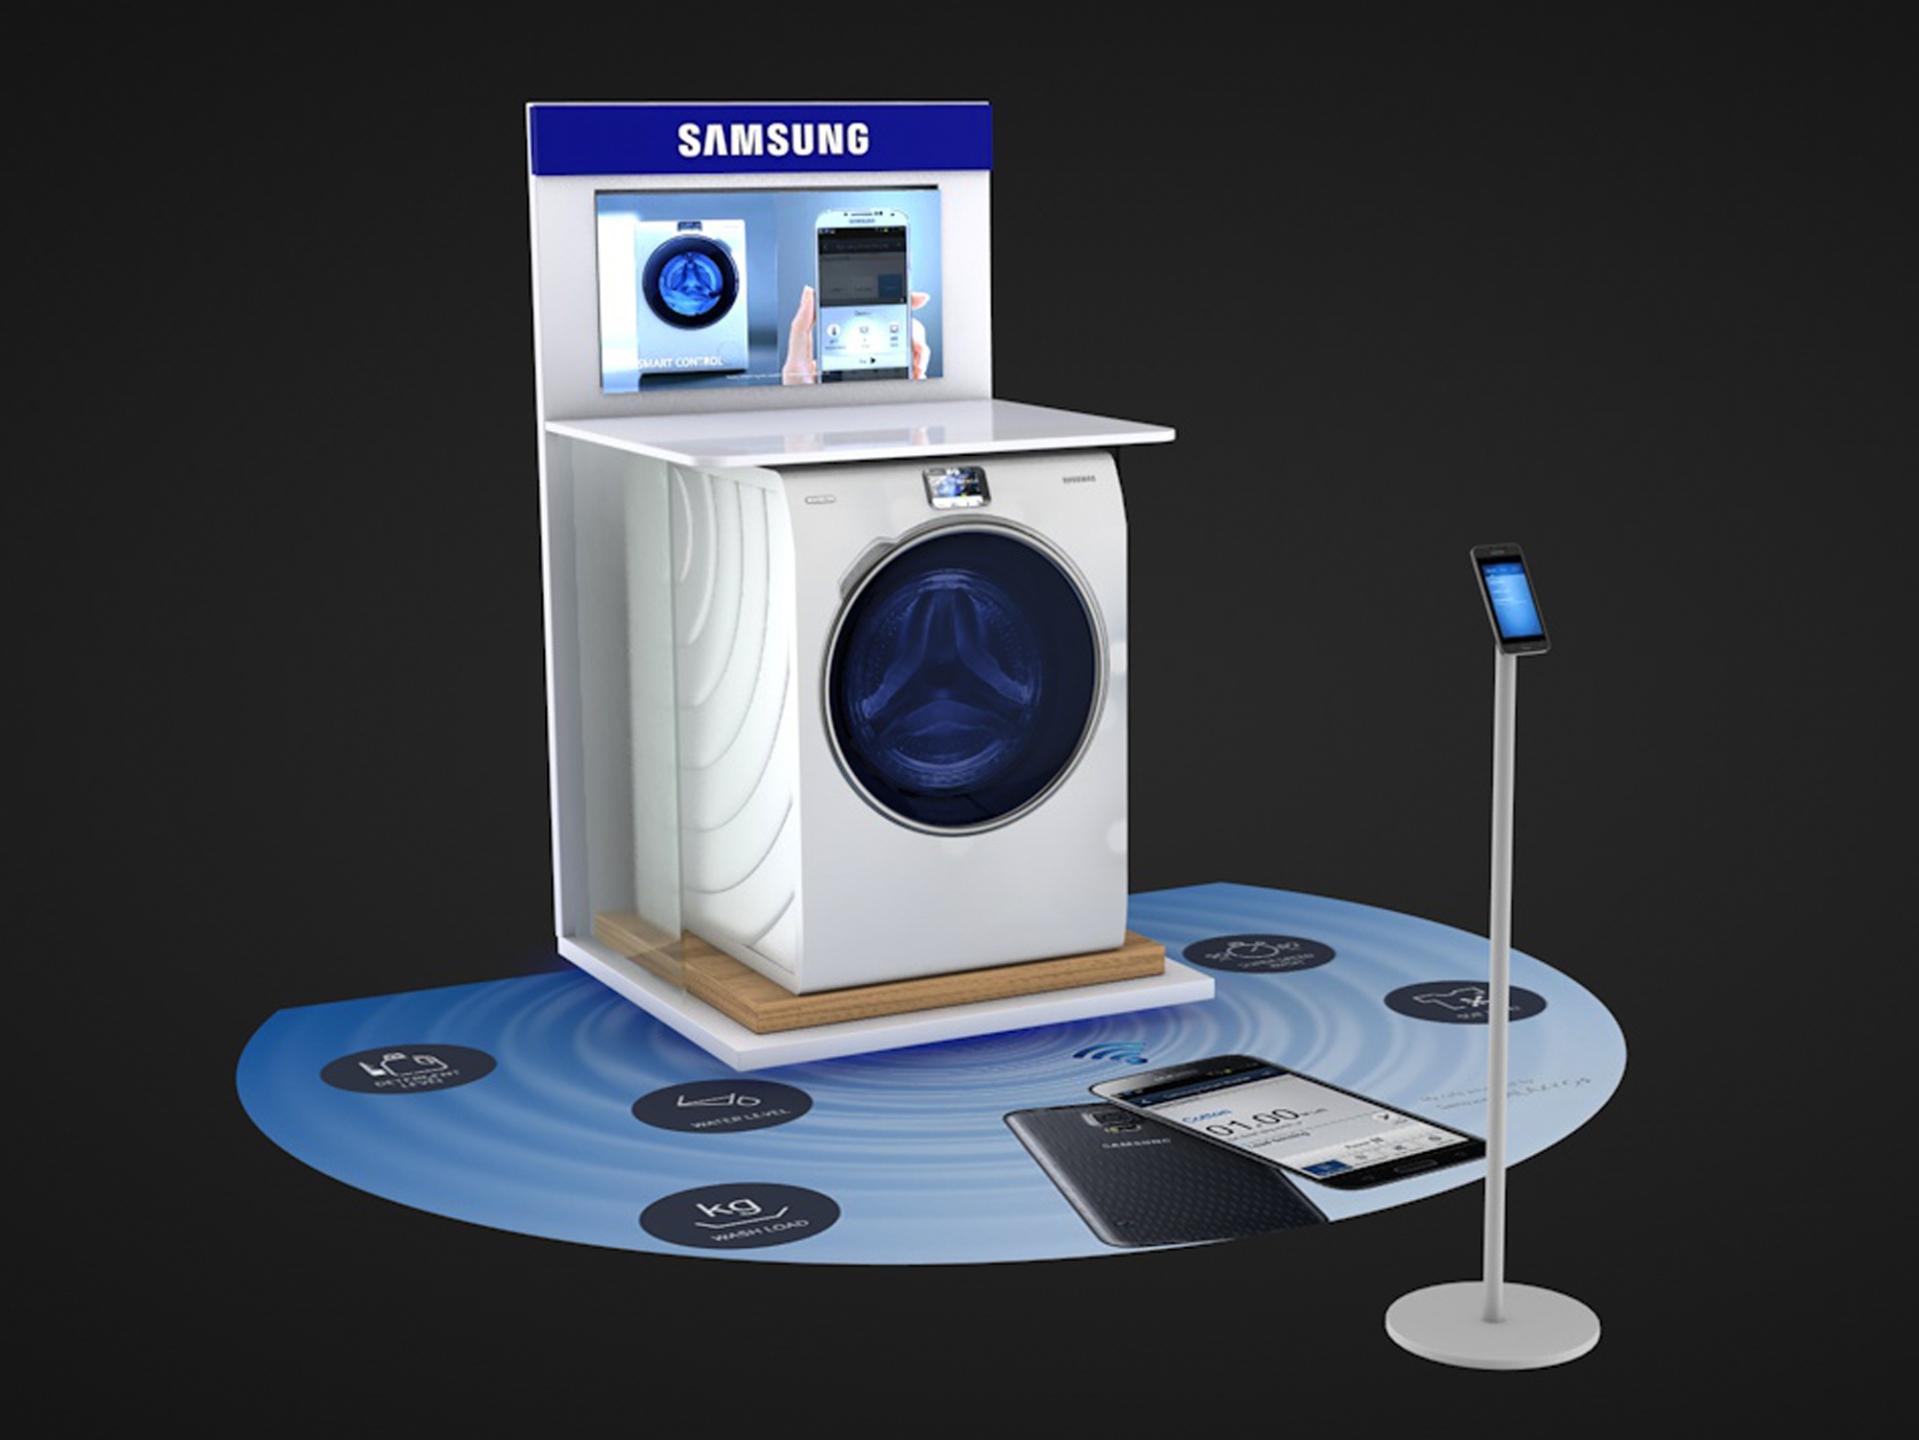 Samsung-ww9000-img-001